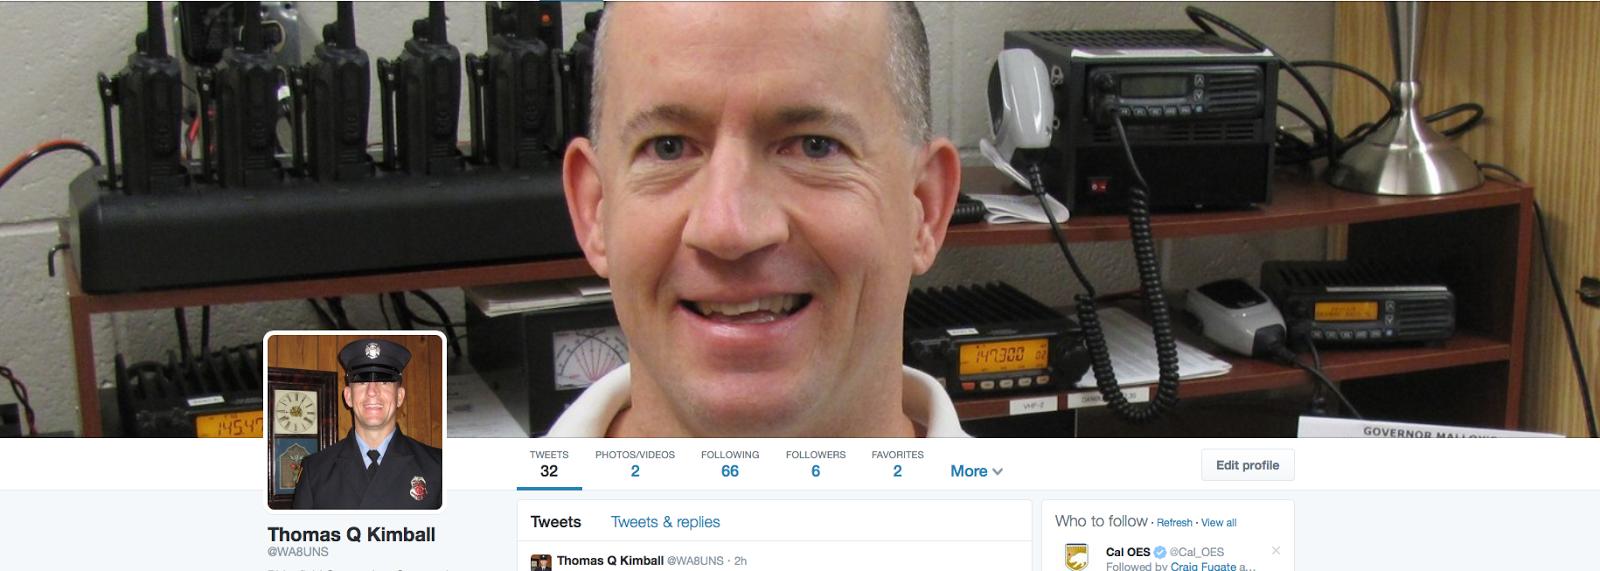 Thomas Q Kimball WA8UNS twitter @WA8UNS